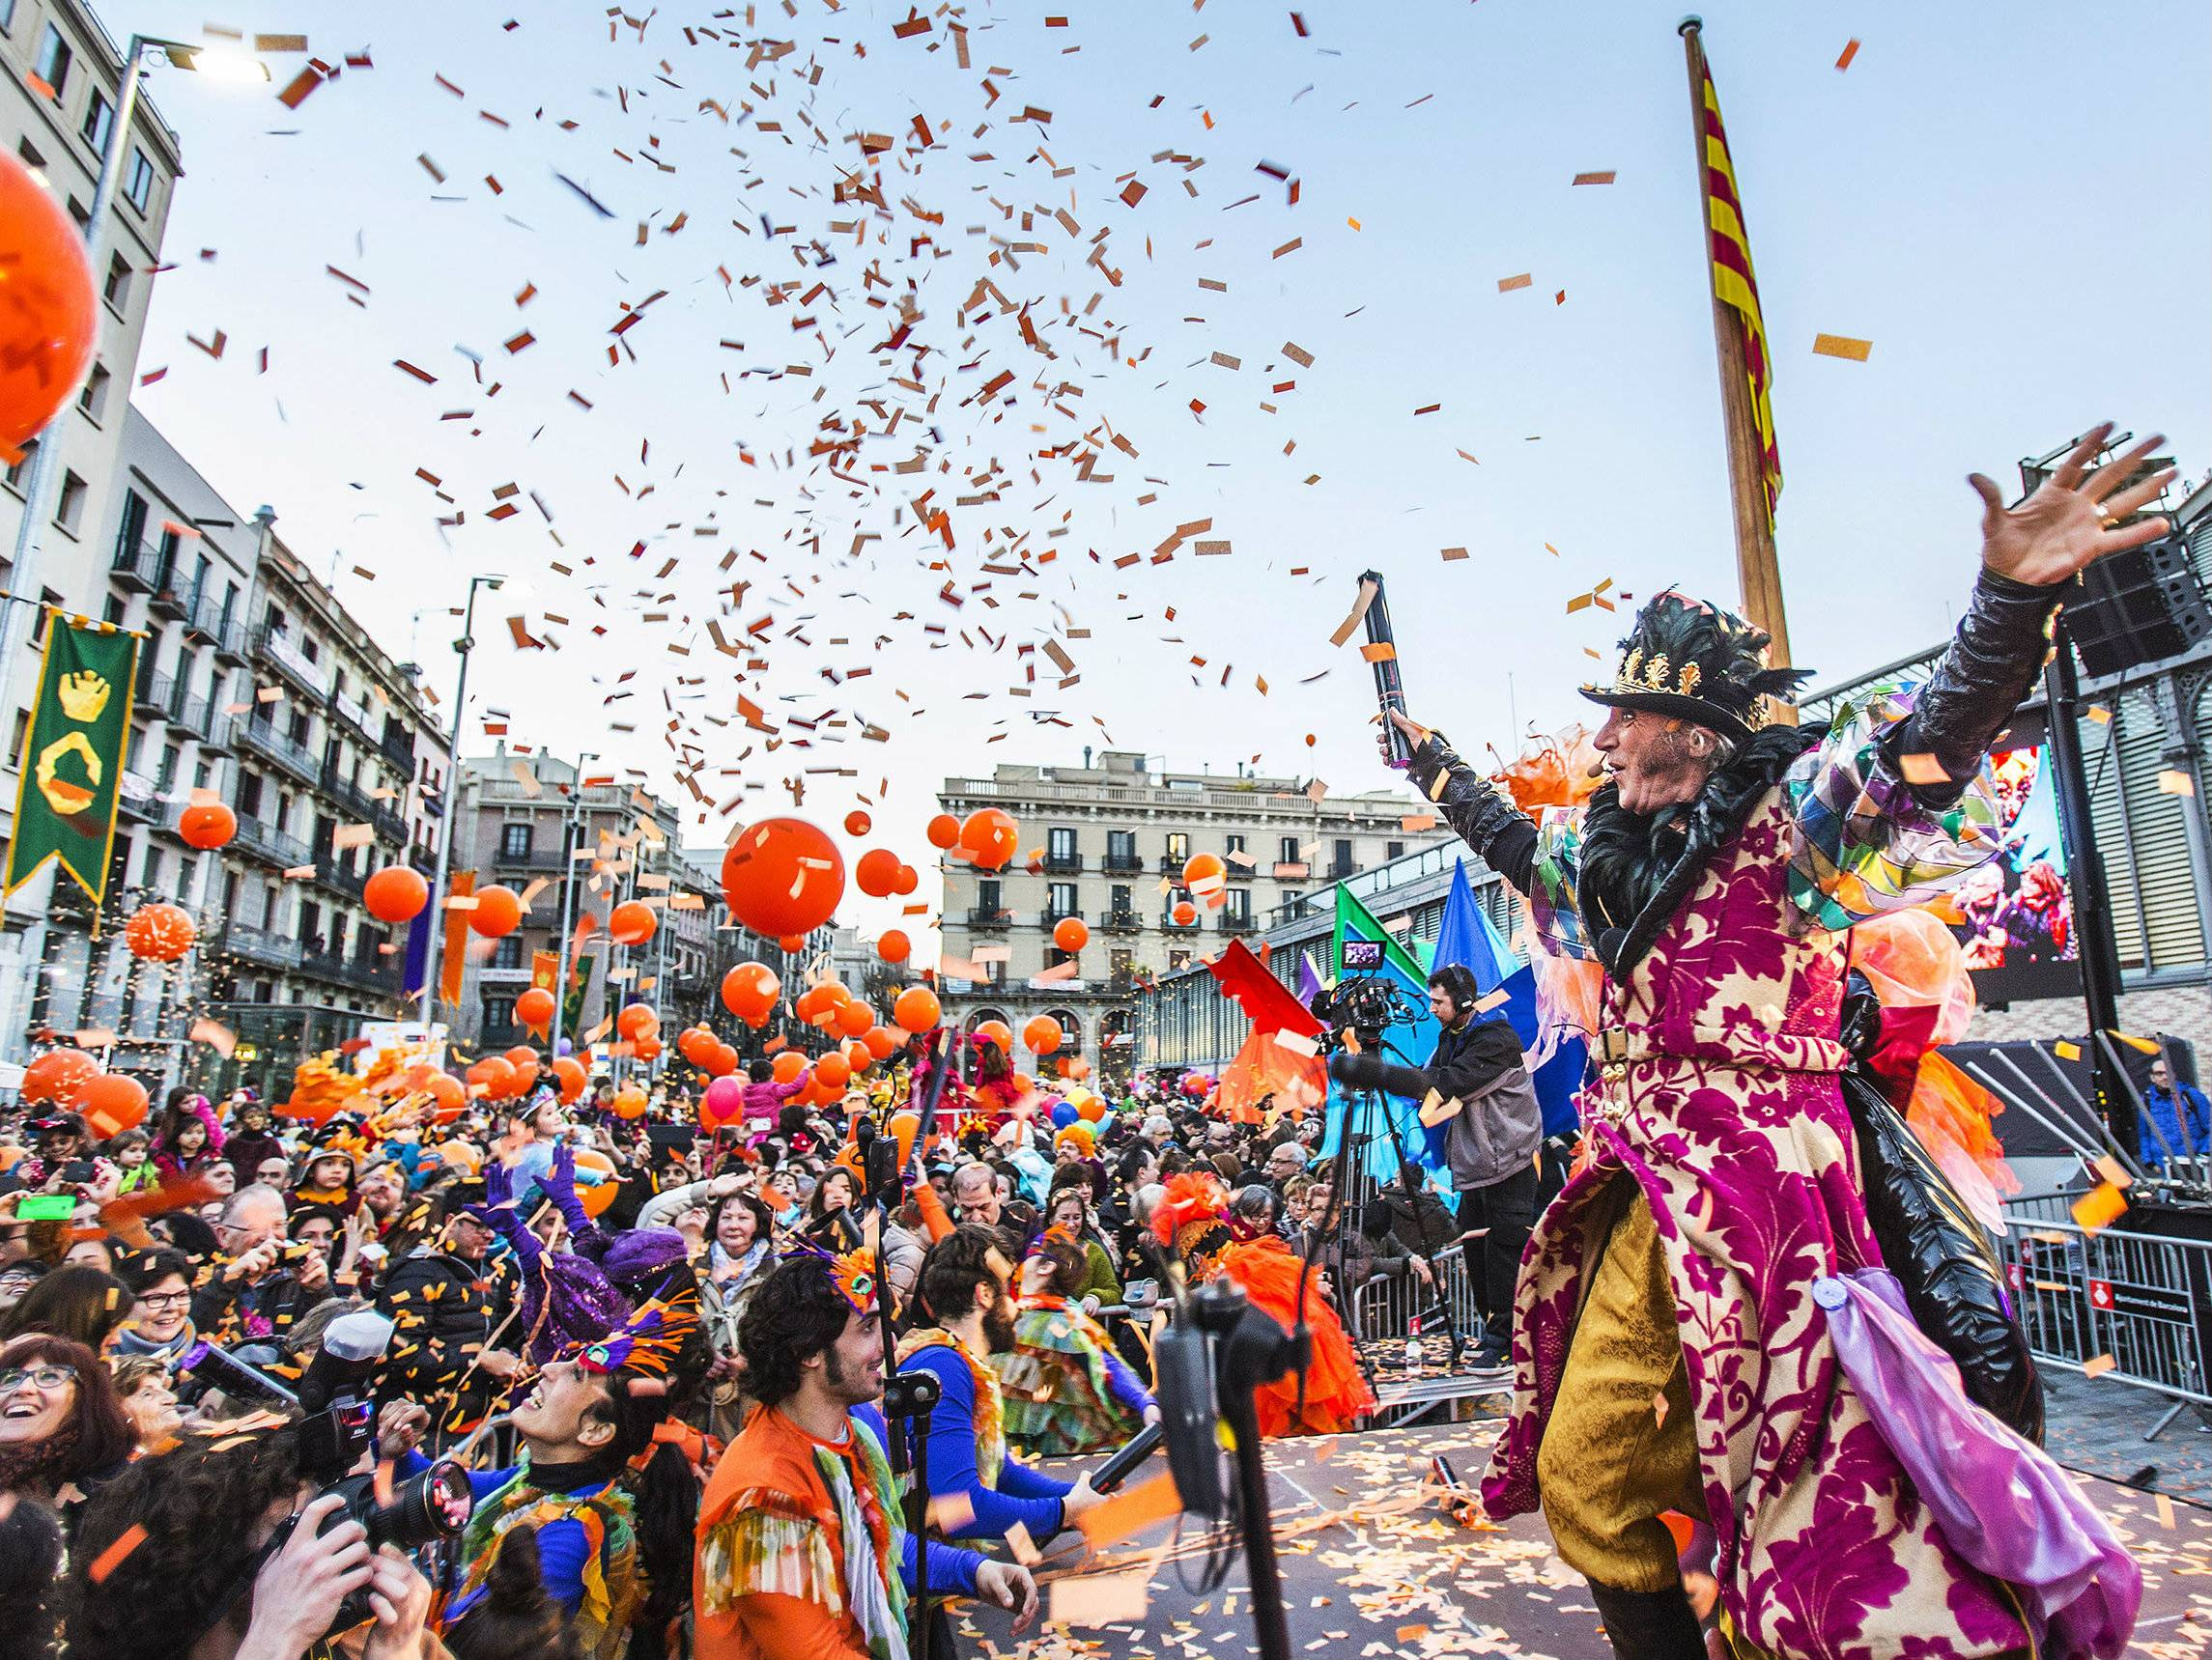 Карнавал в венеции: история и современность, фотообзор